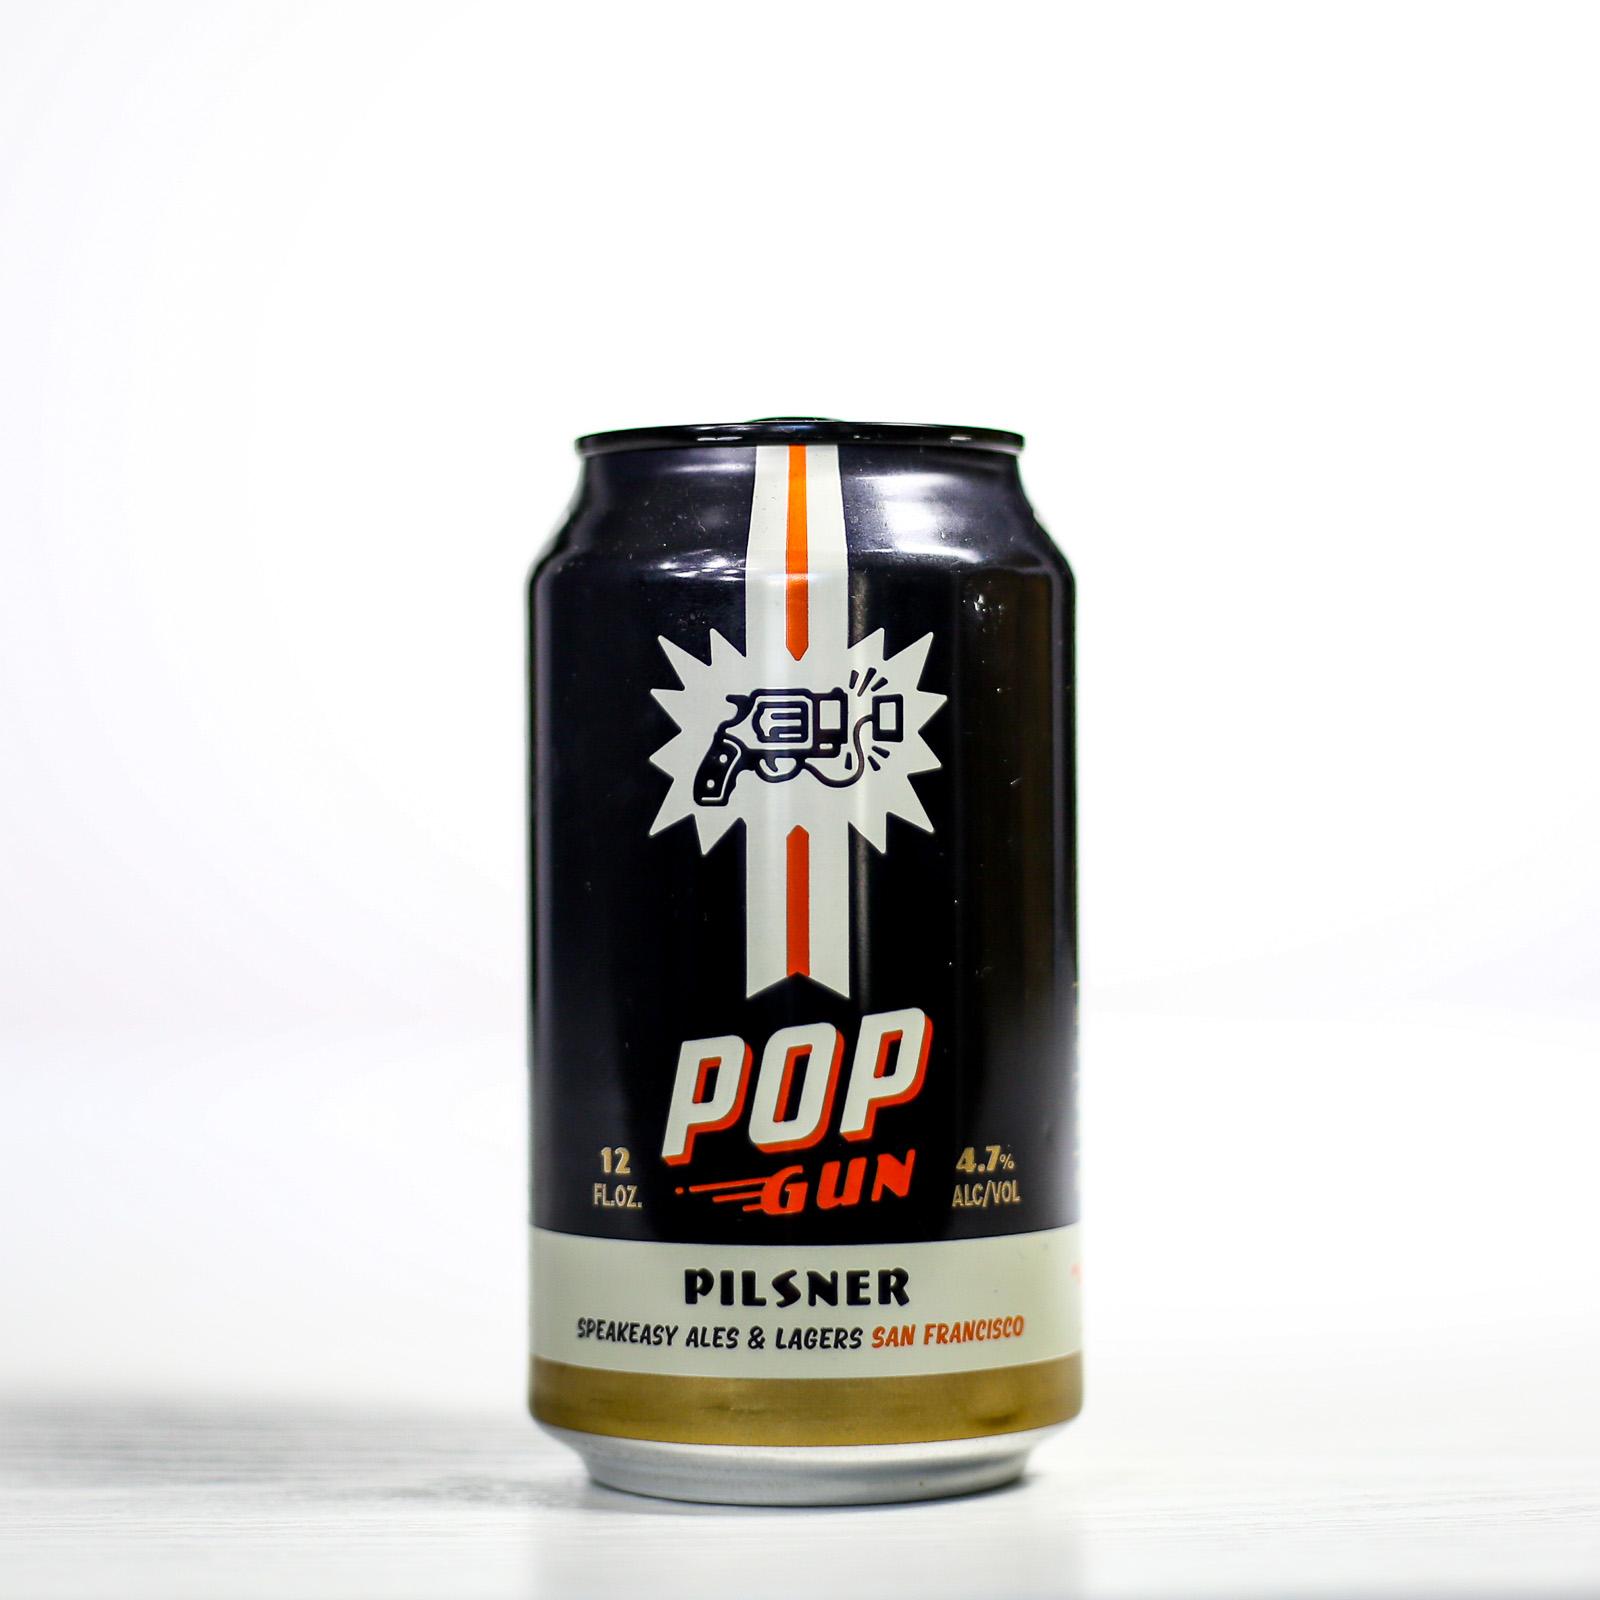 Speakeasy Ales & Lagers - Pop Gun Pilsner